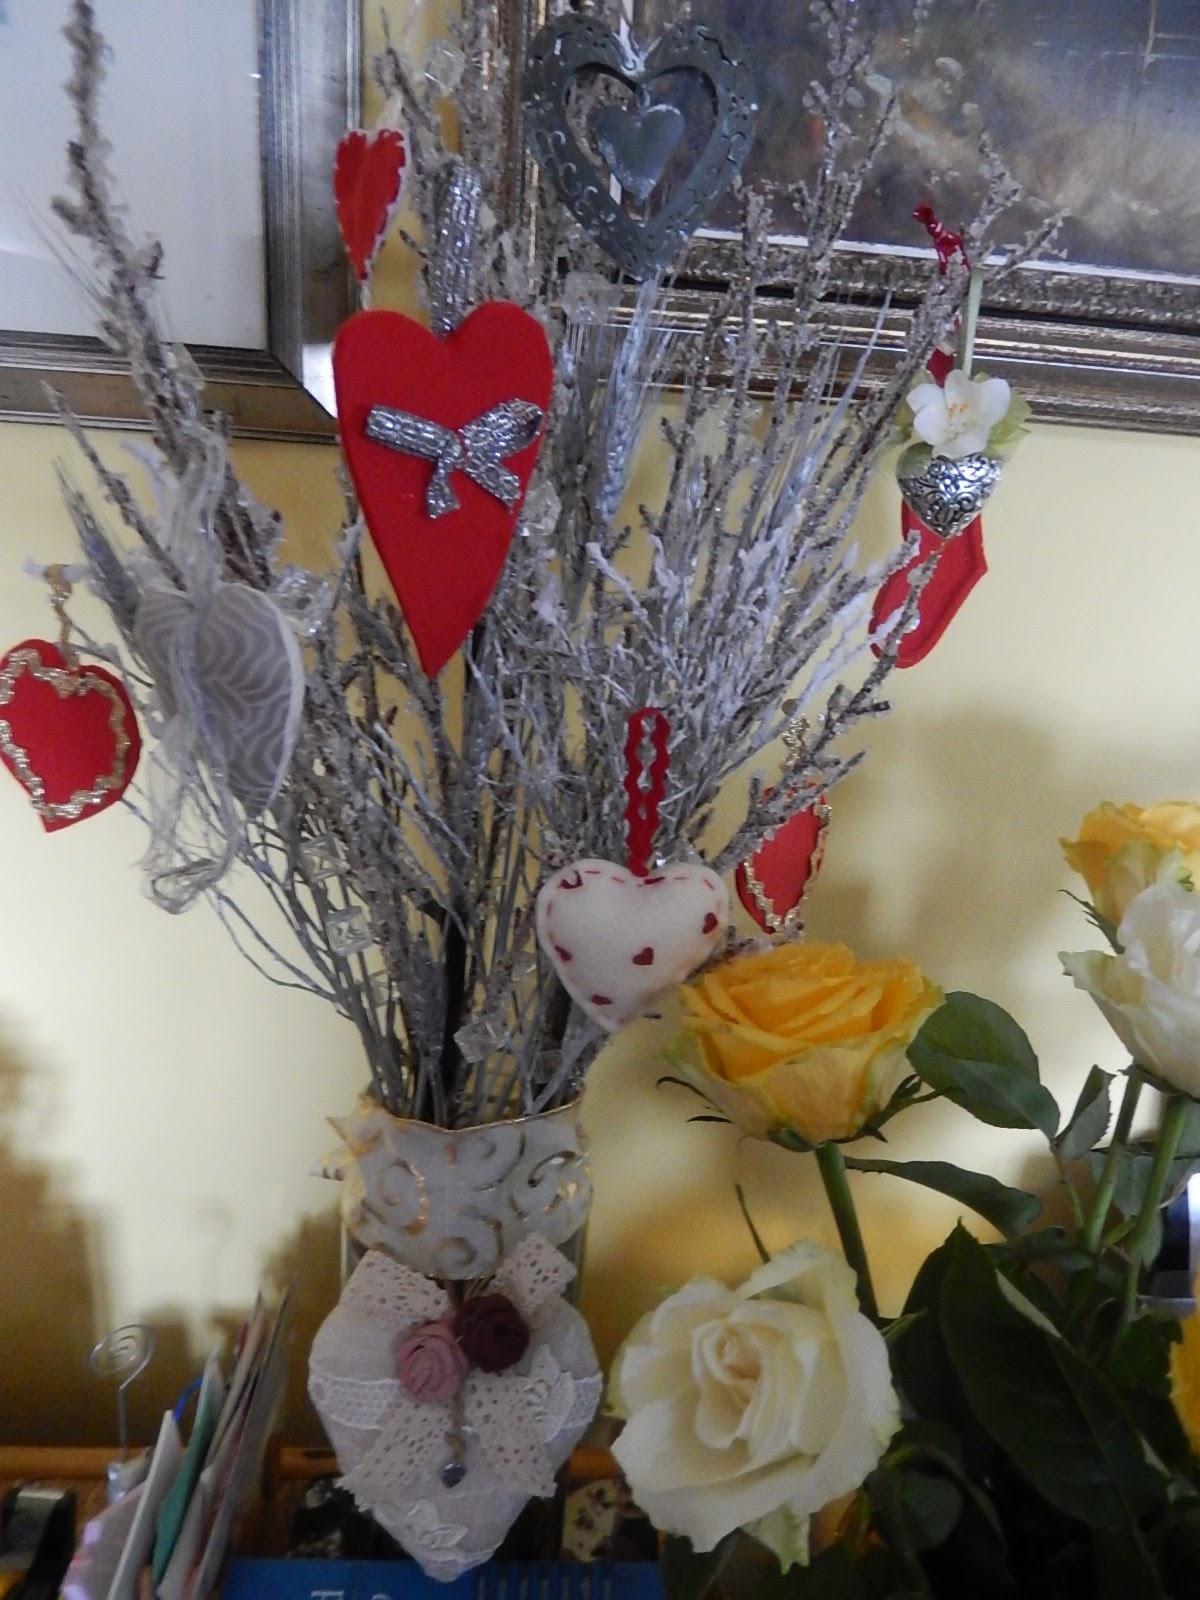 Anniversario Di Matrimonio Al Lotto.14 Febbraio San Valentino 14 Anniversario Di Nozze